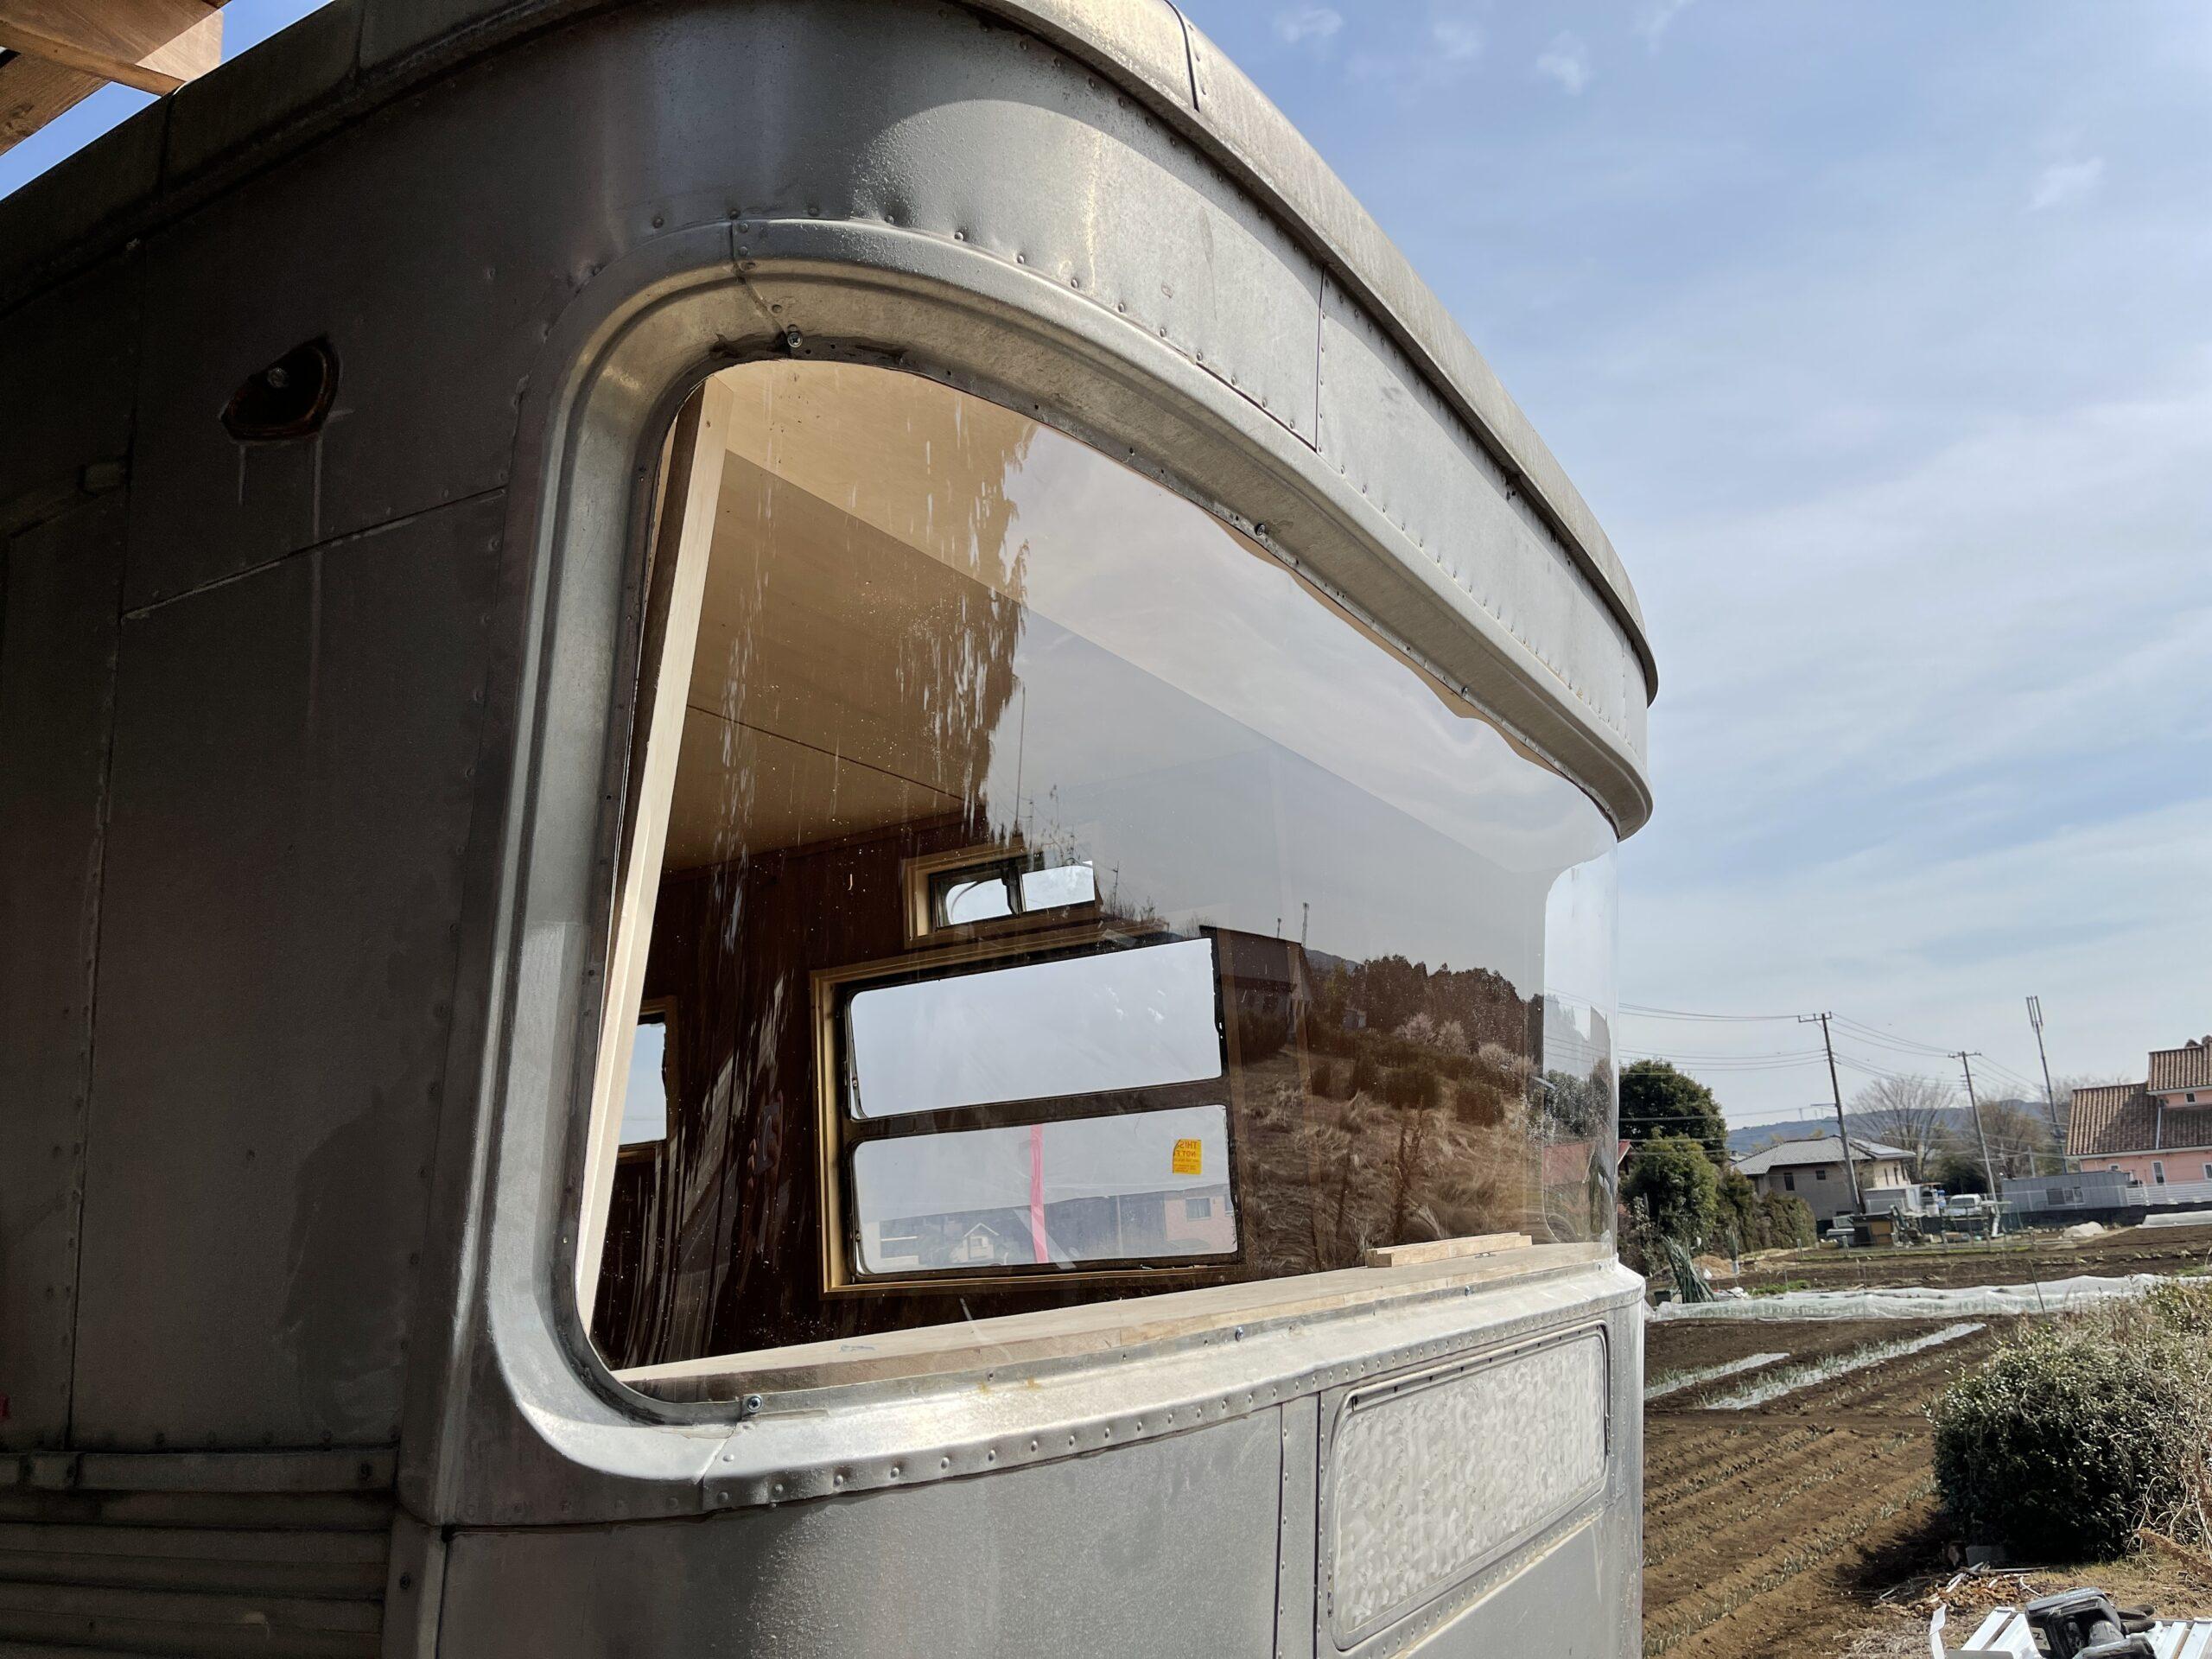 株式会社ガレージランド エアストリーム ヴィンテージ 中古車 販売 輸入 埼玉県 在庫車両 中古車 スパルタン